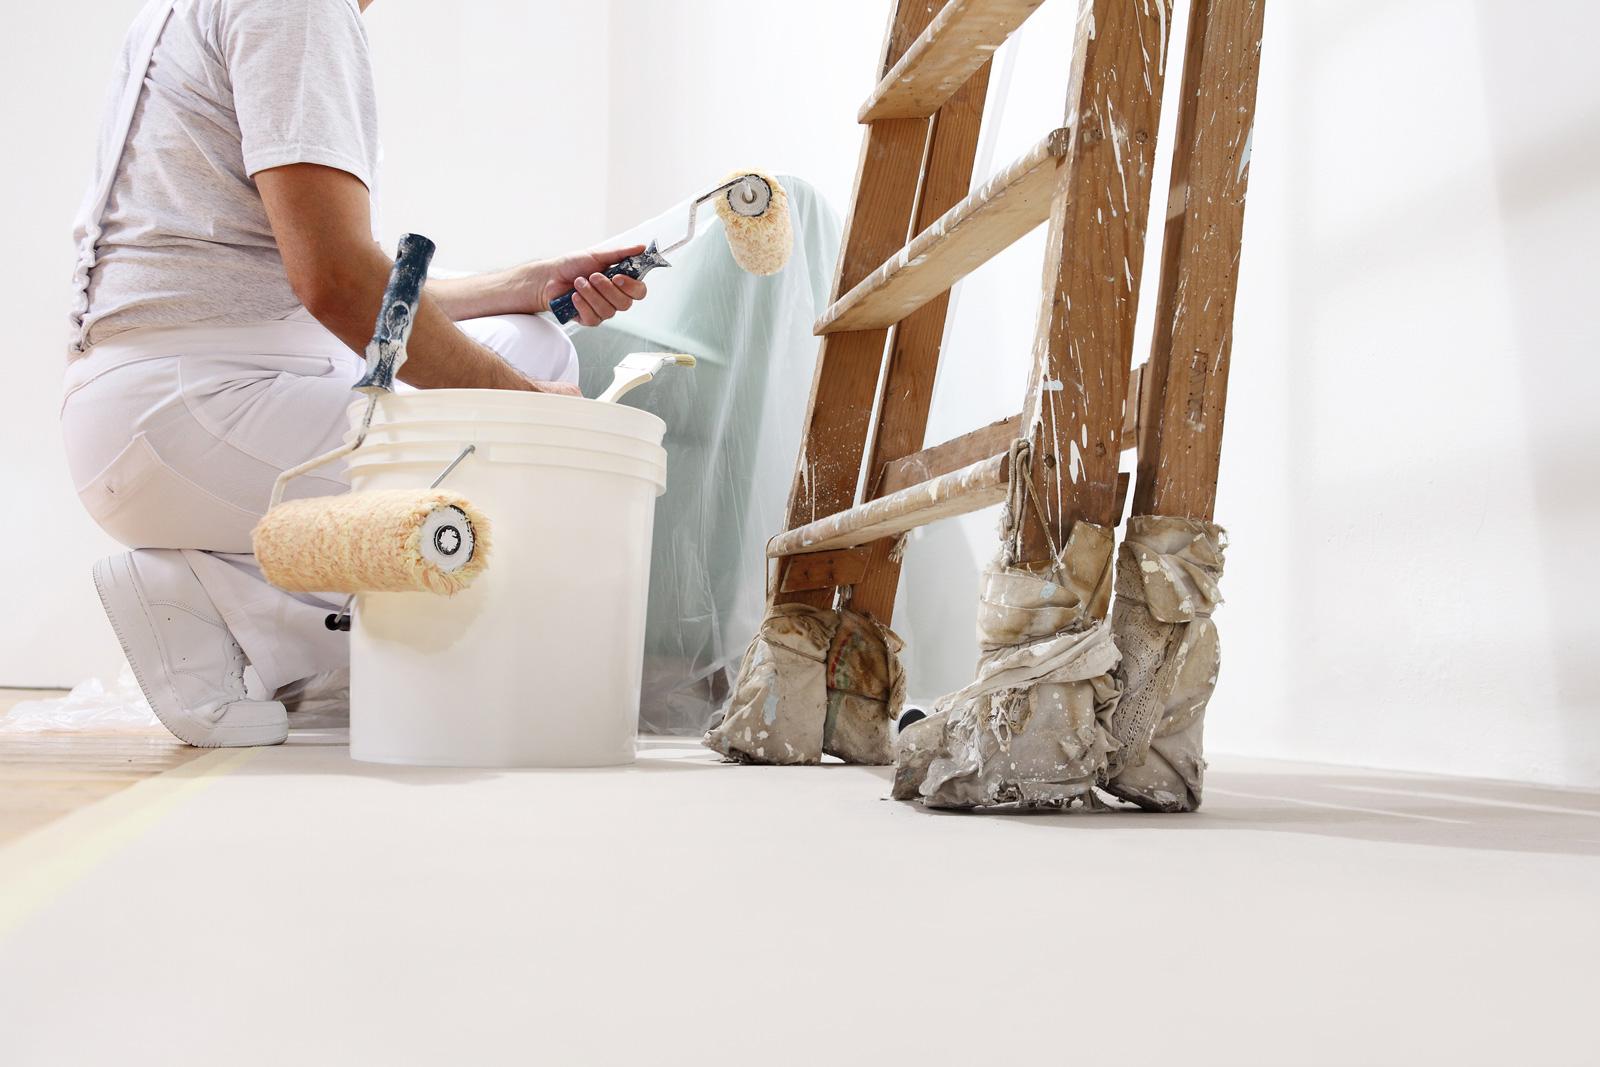 Abhängig vom Untergrund: Welche Pinsel und Rollen sich am besten für dein Streichprojekt eignen, entscheidet die Beschaffenheit deiner Wand.